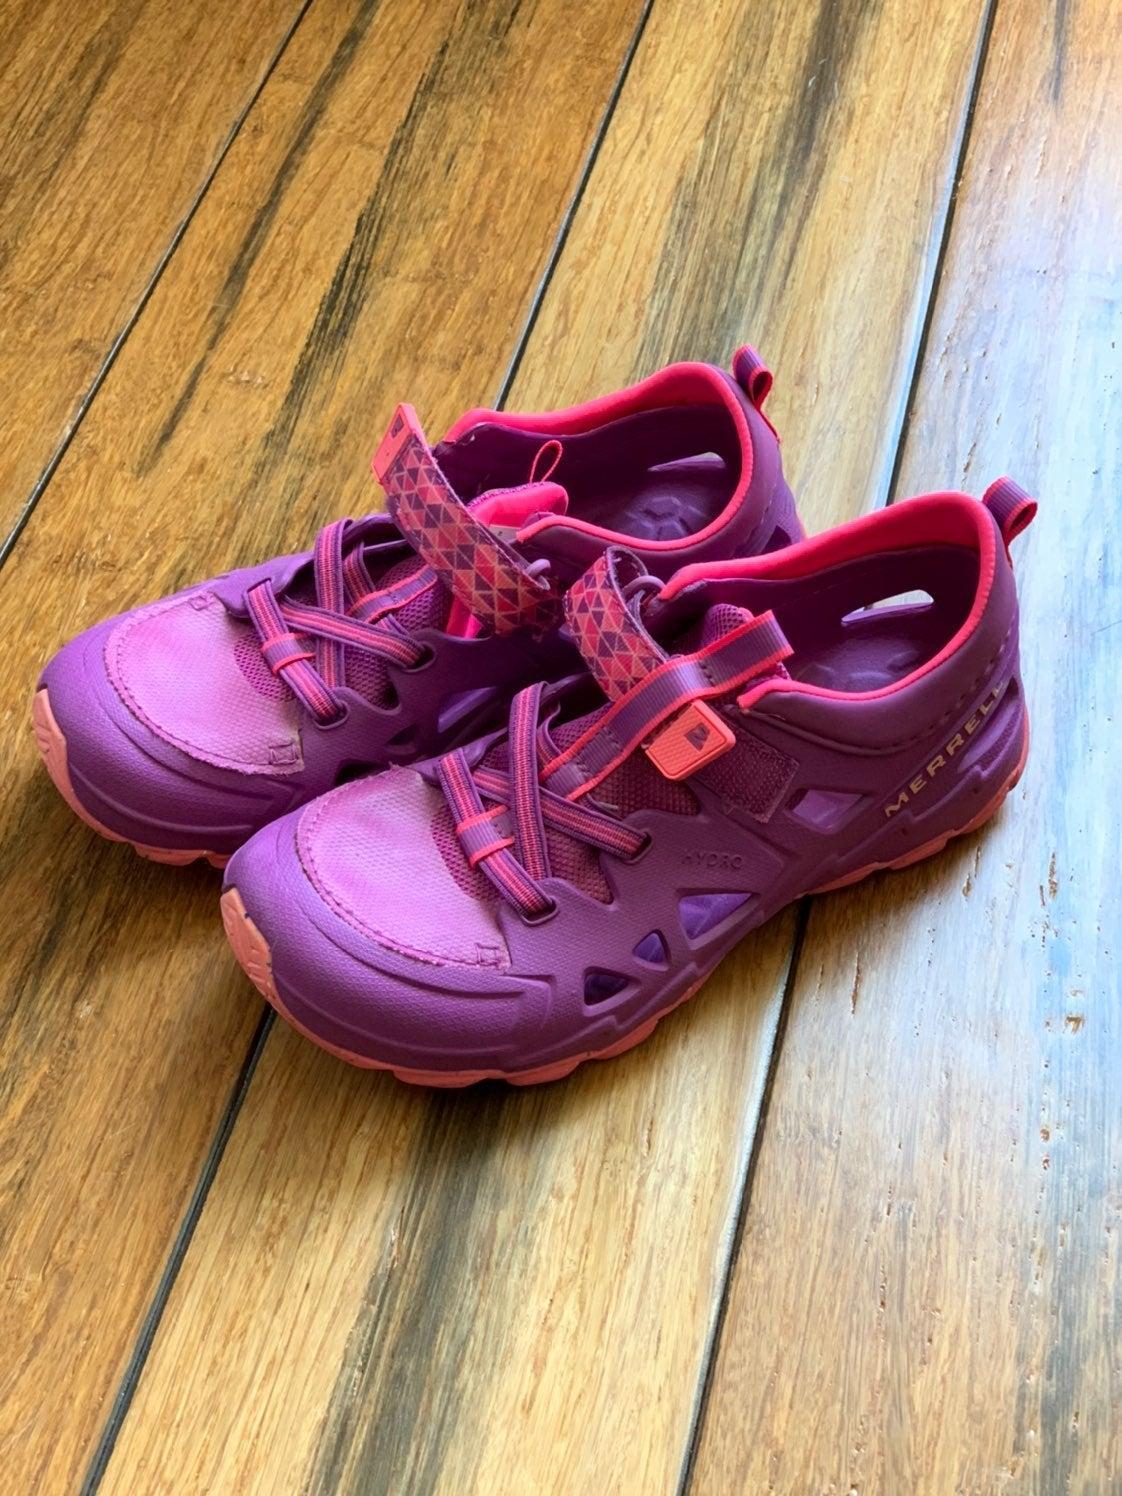 Merrell Girls Hydro 2.0 Sneaker Sandal